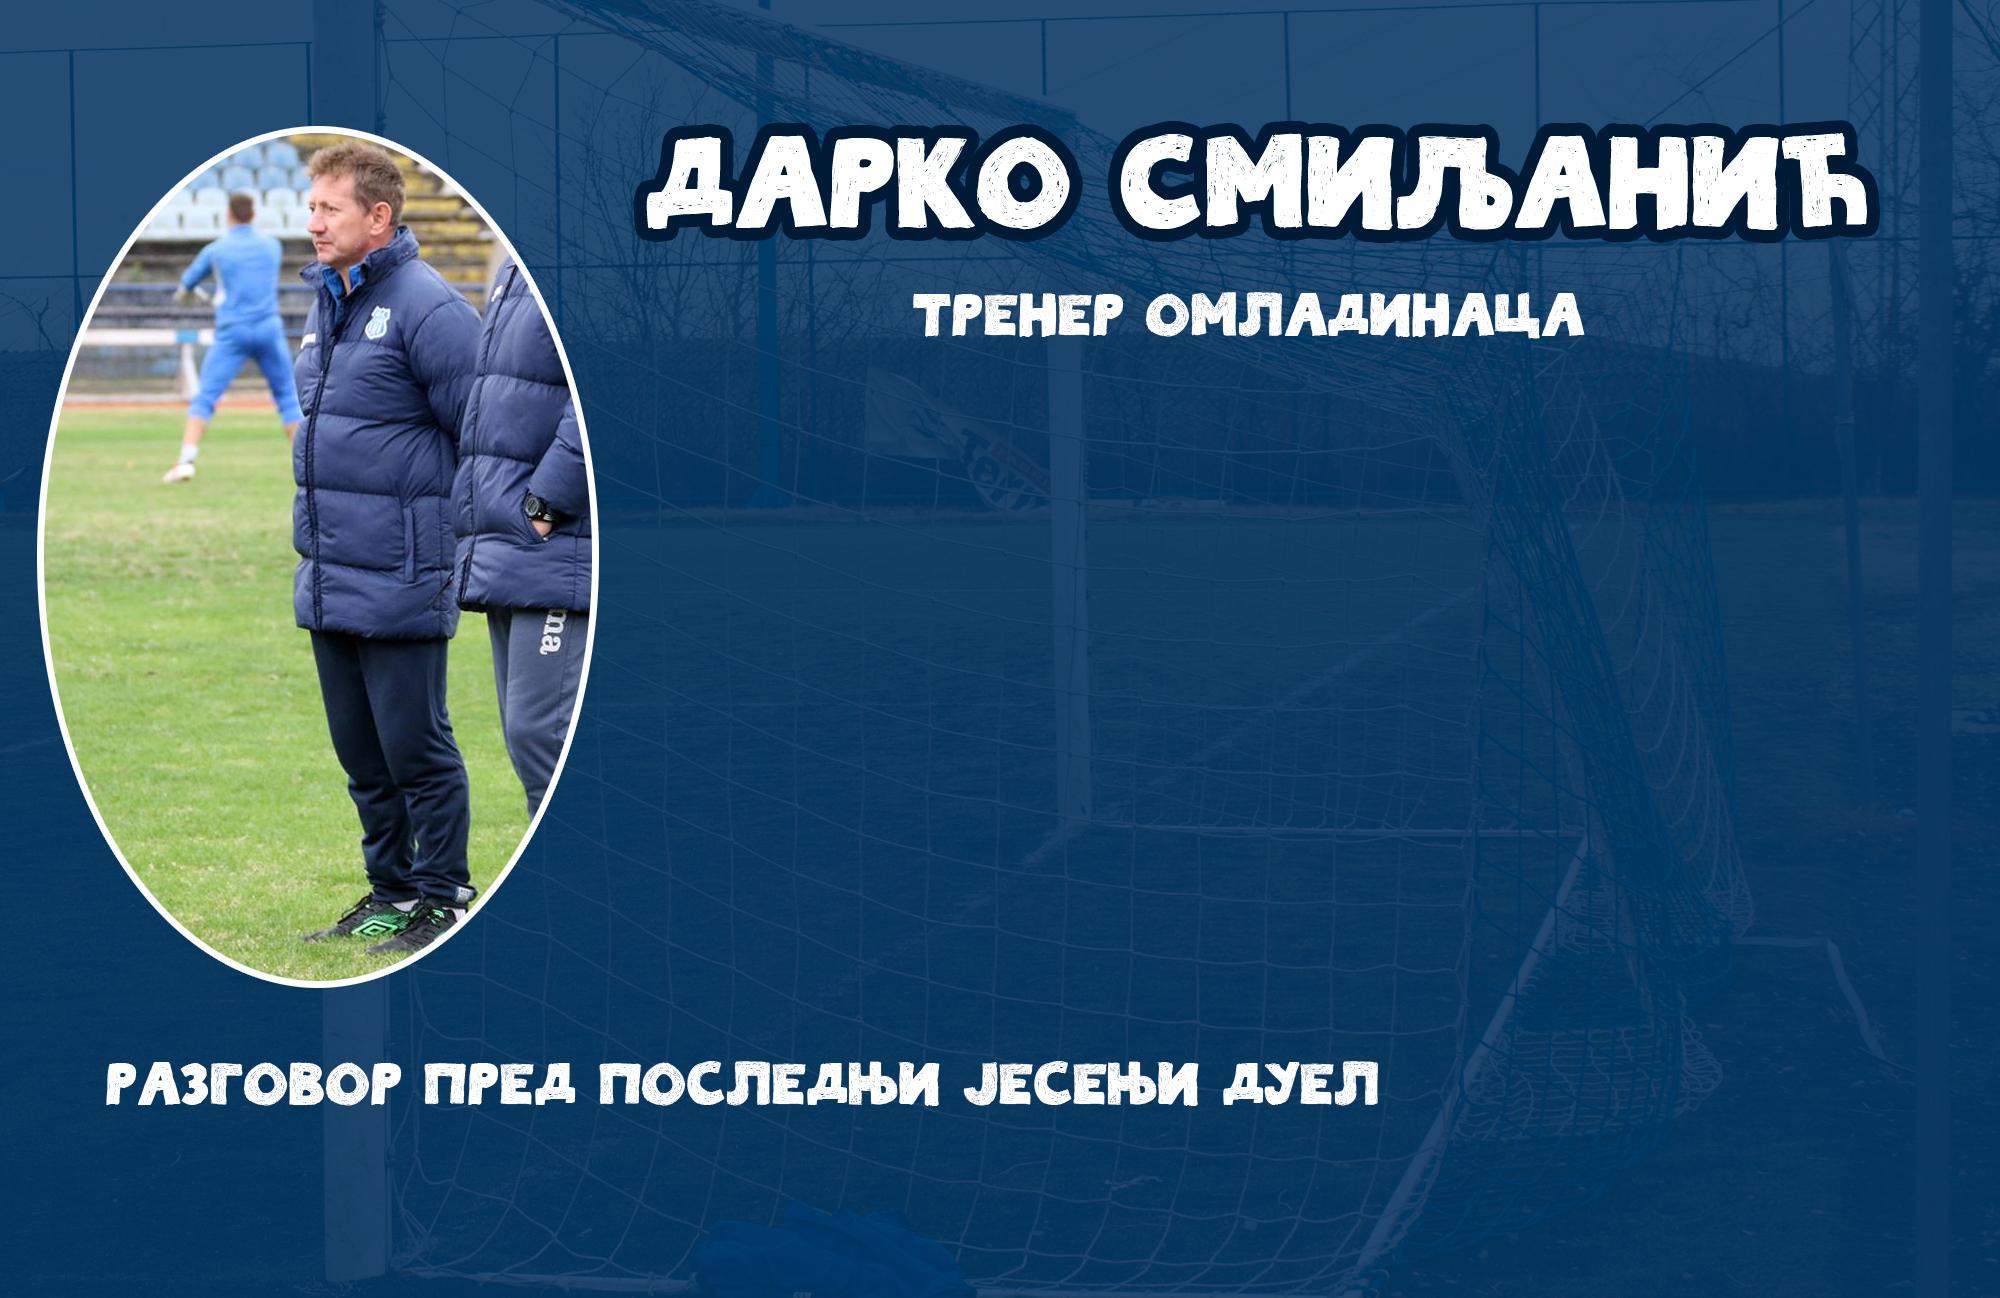 Дарко Смиљанић, тренер омладинаца. Разговор пред последње јесење коло.